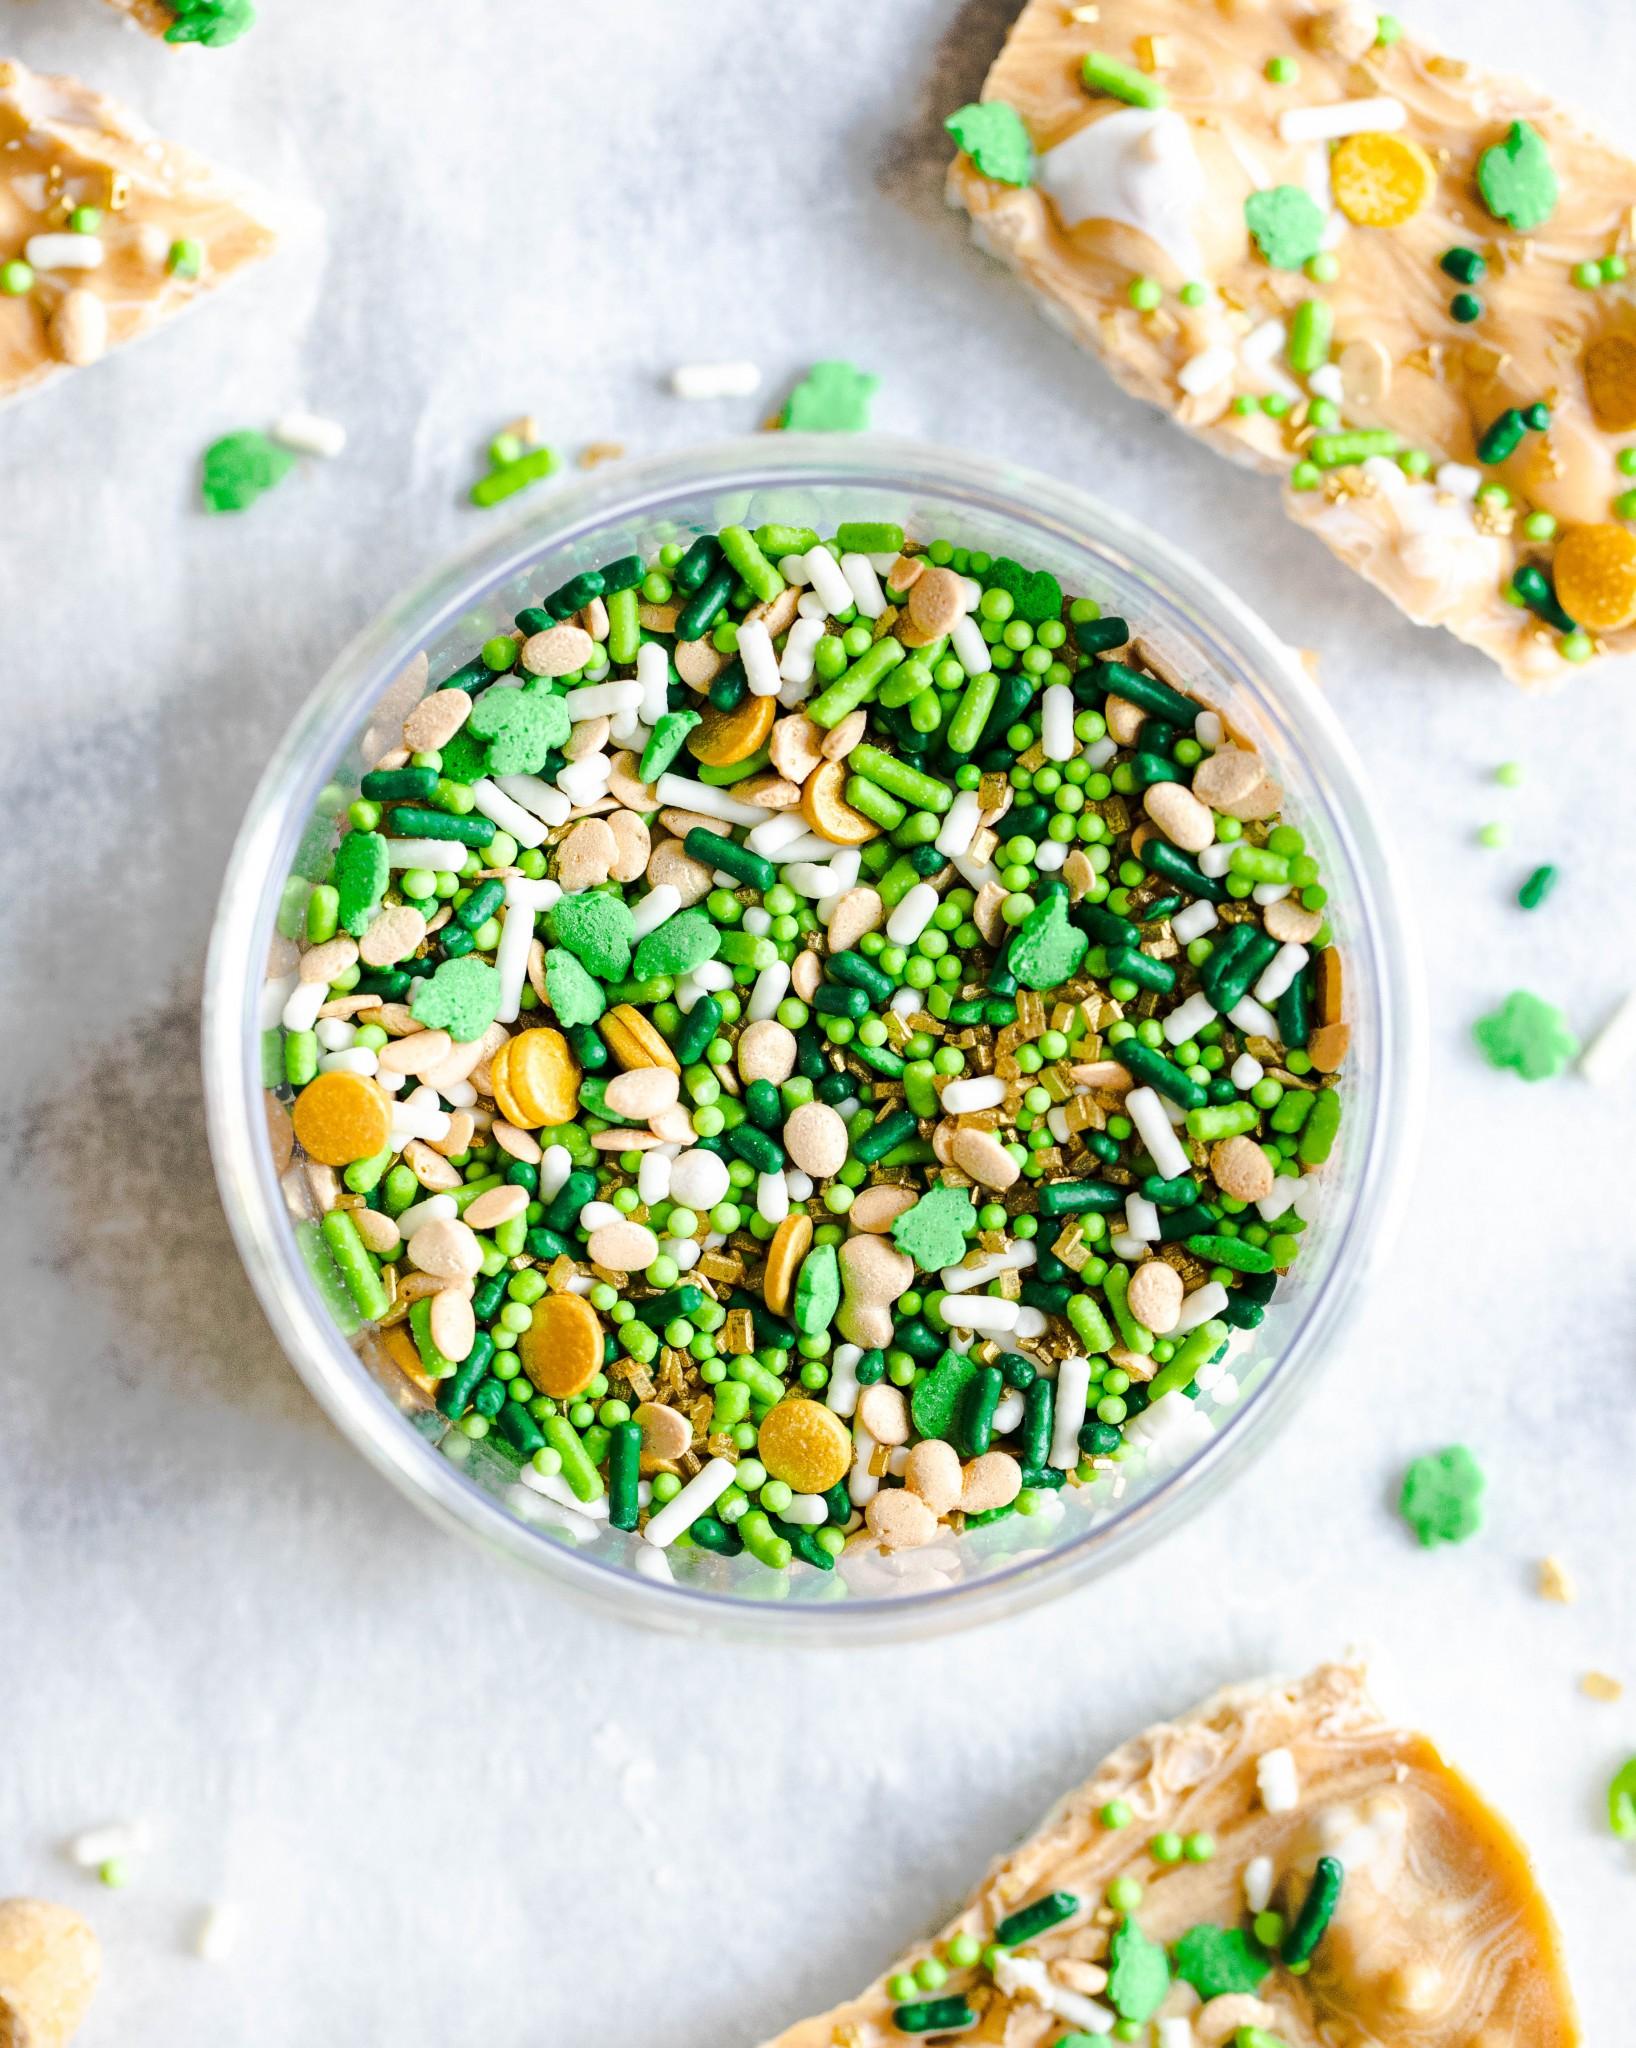 Green St. Patrick's Day sprinkles